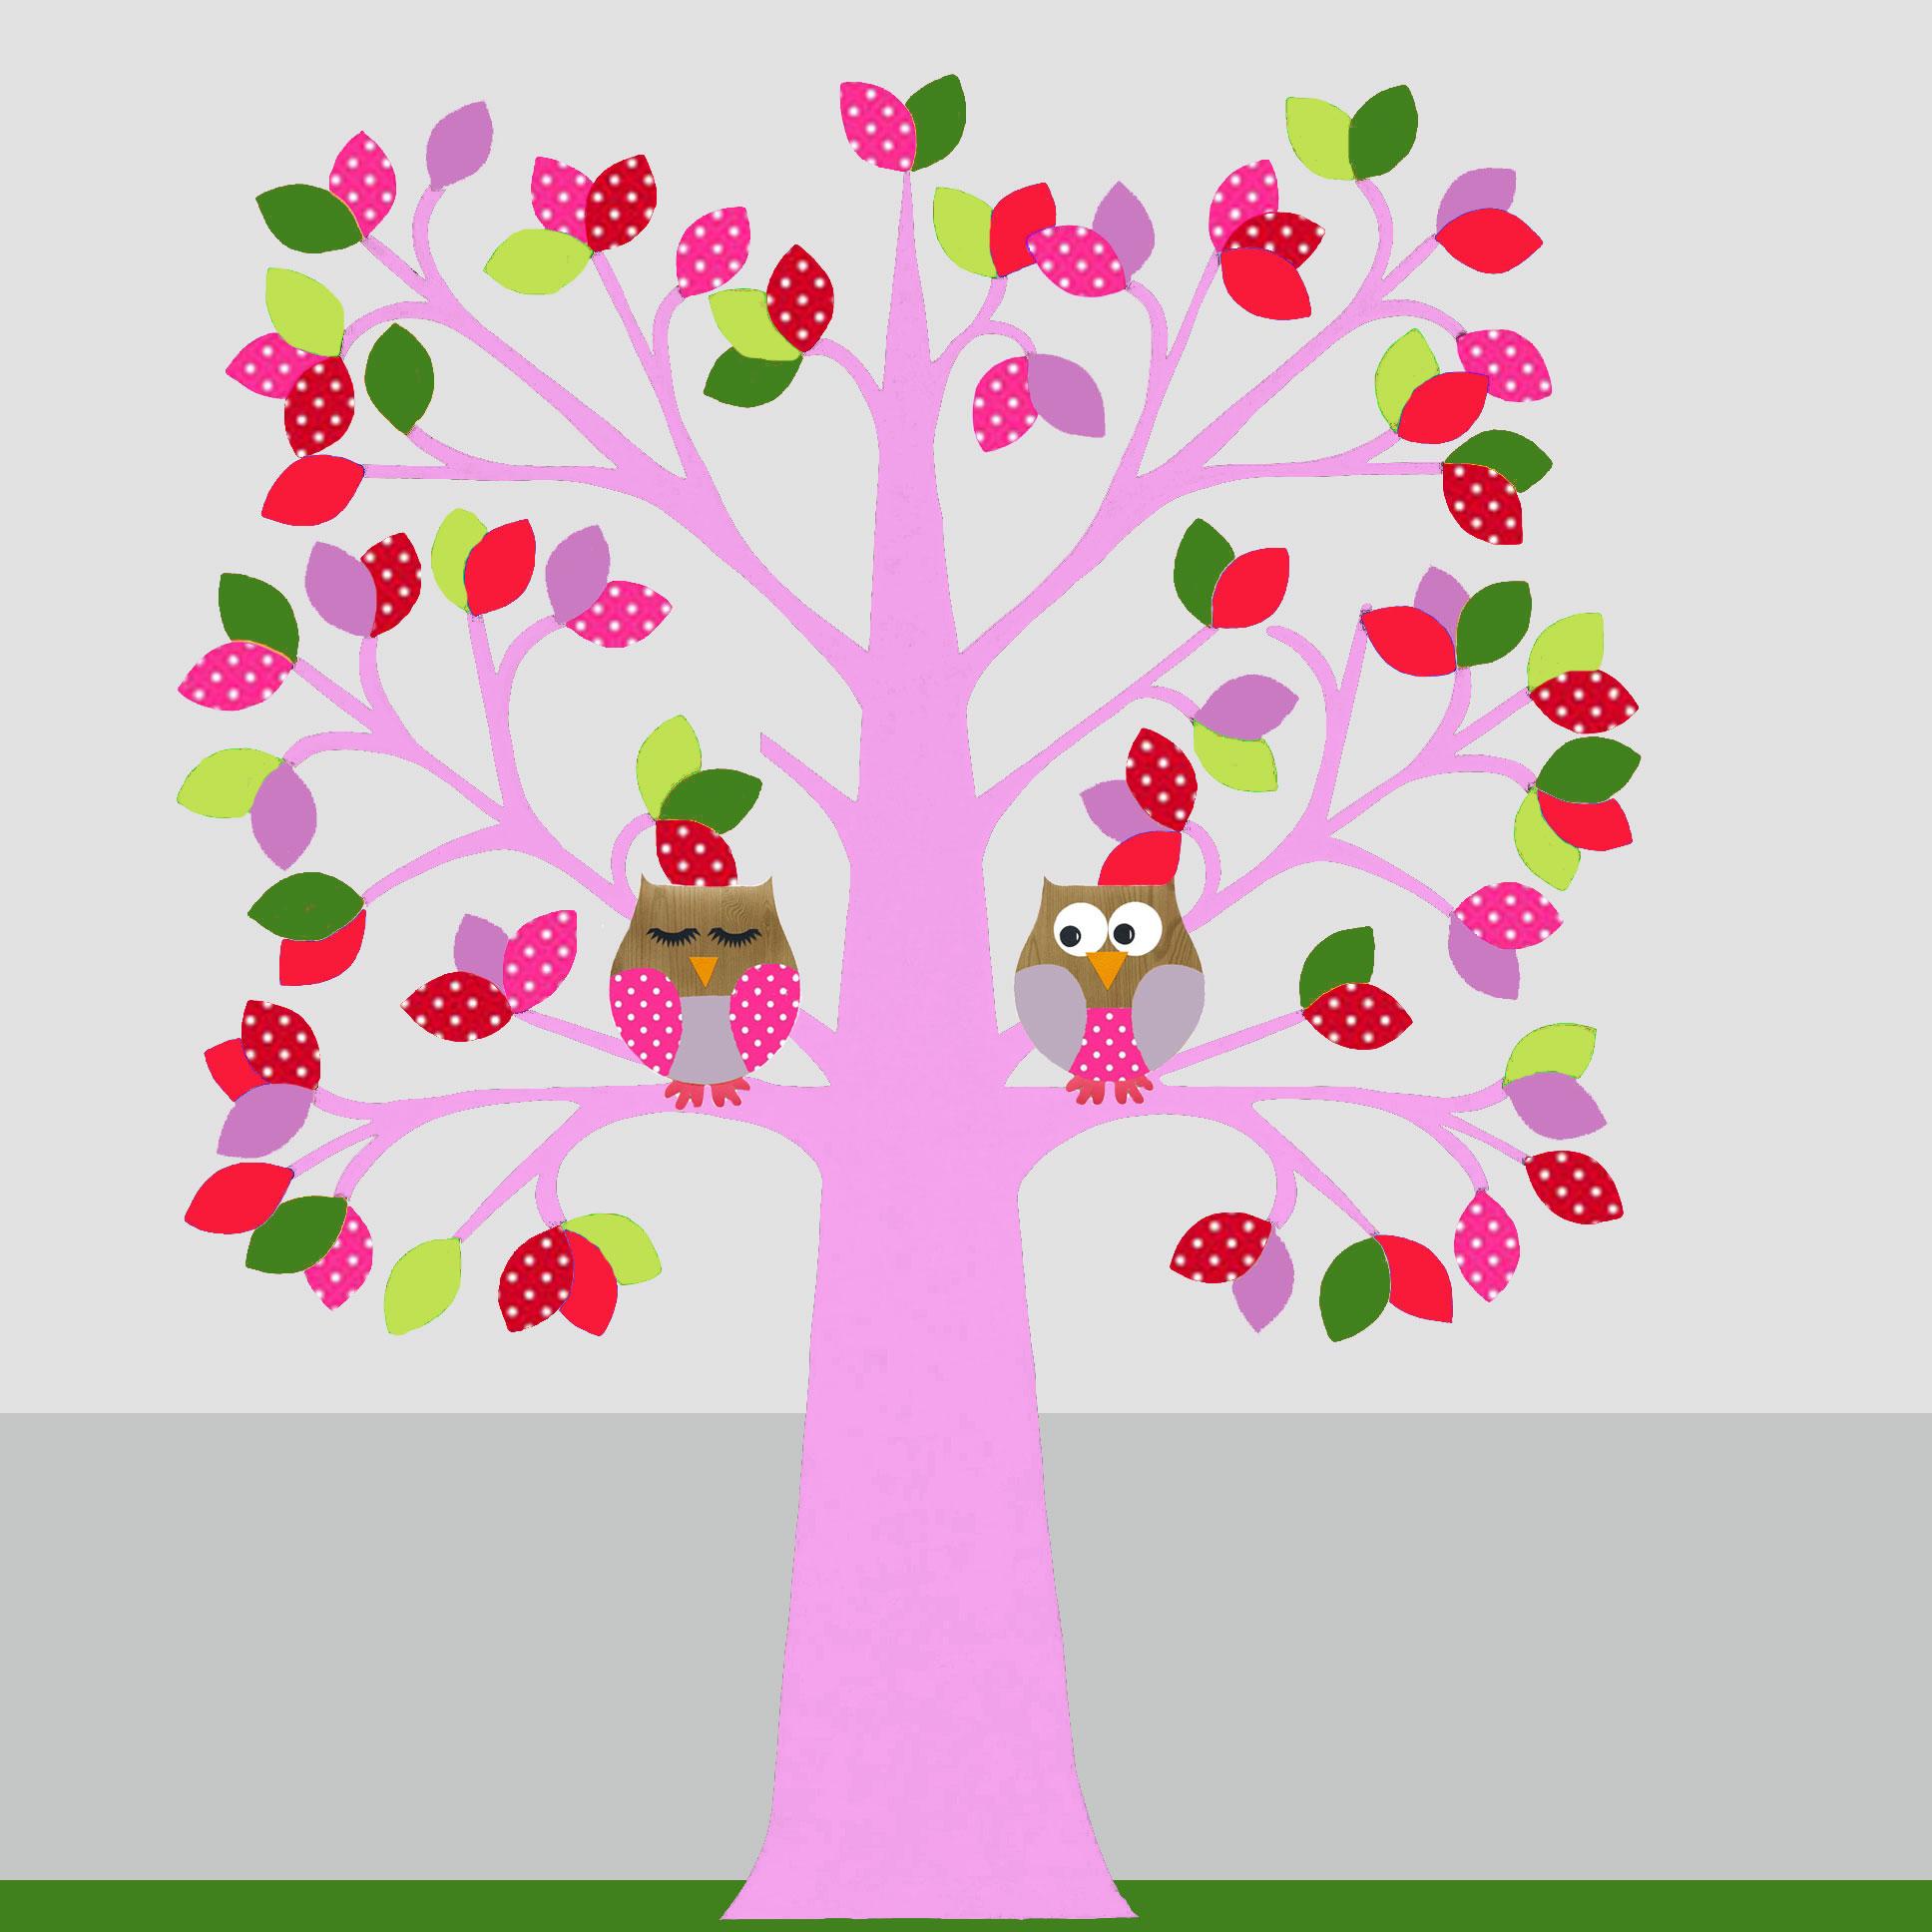 behangboom-A-juni-met-uilen